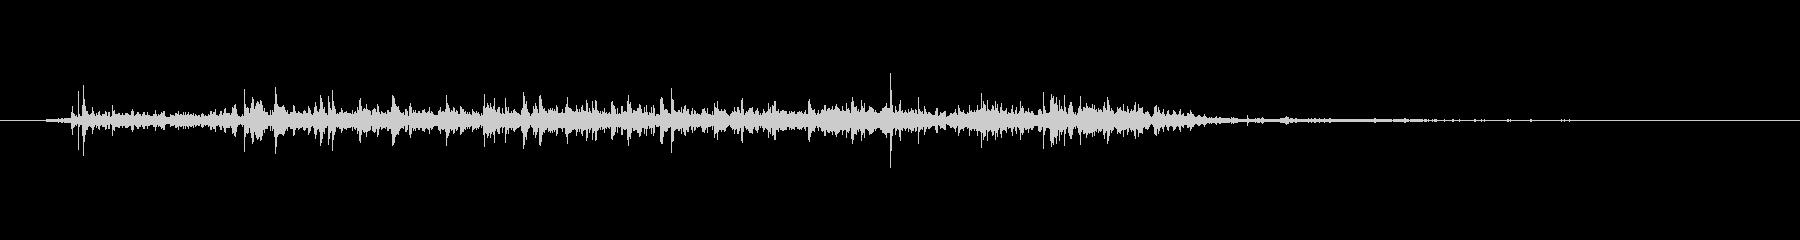 水 タップフローミディアムショート04の未再生の波形